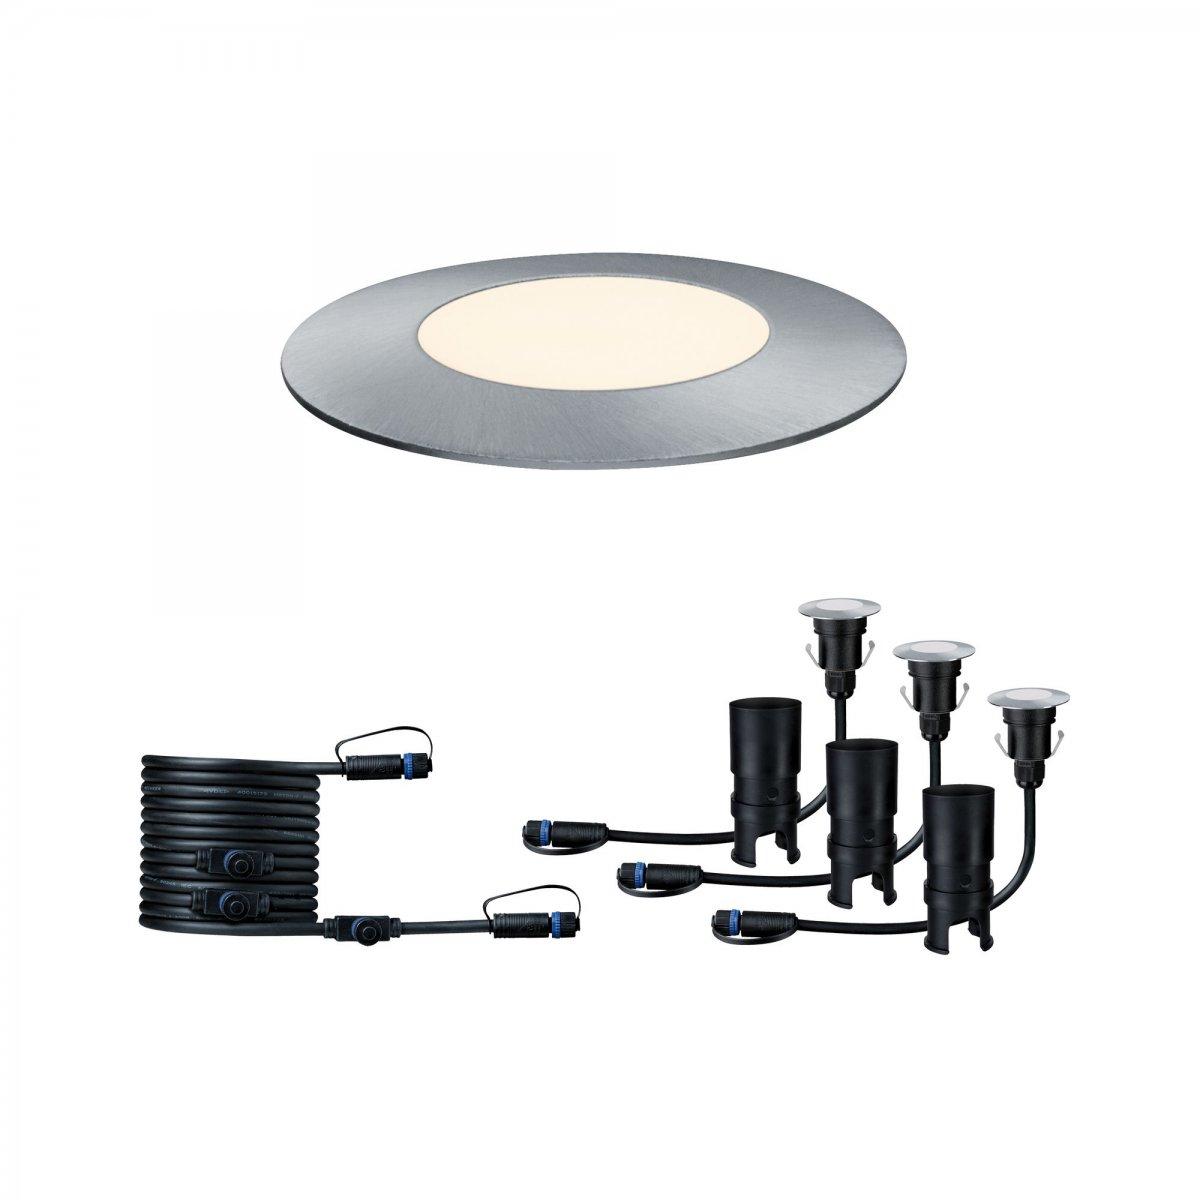 Paulmann No 93949 Plugshine Bodeneinbauleuchte Floor Mini Ip65 Warmweiß 25w Silber